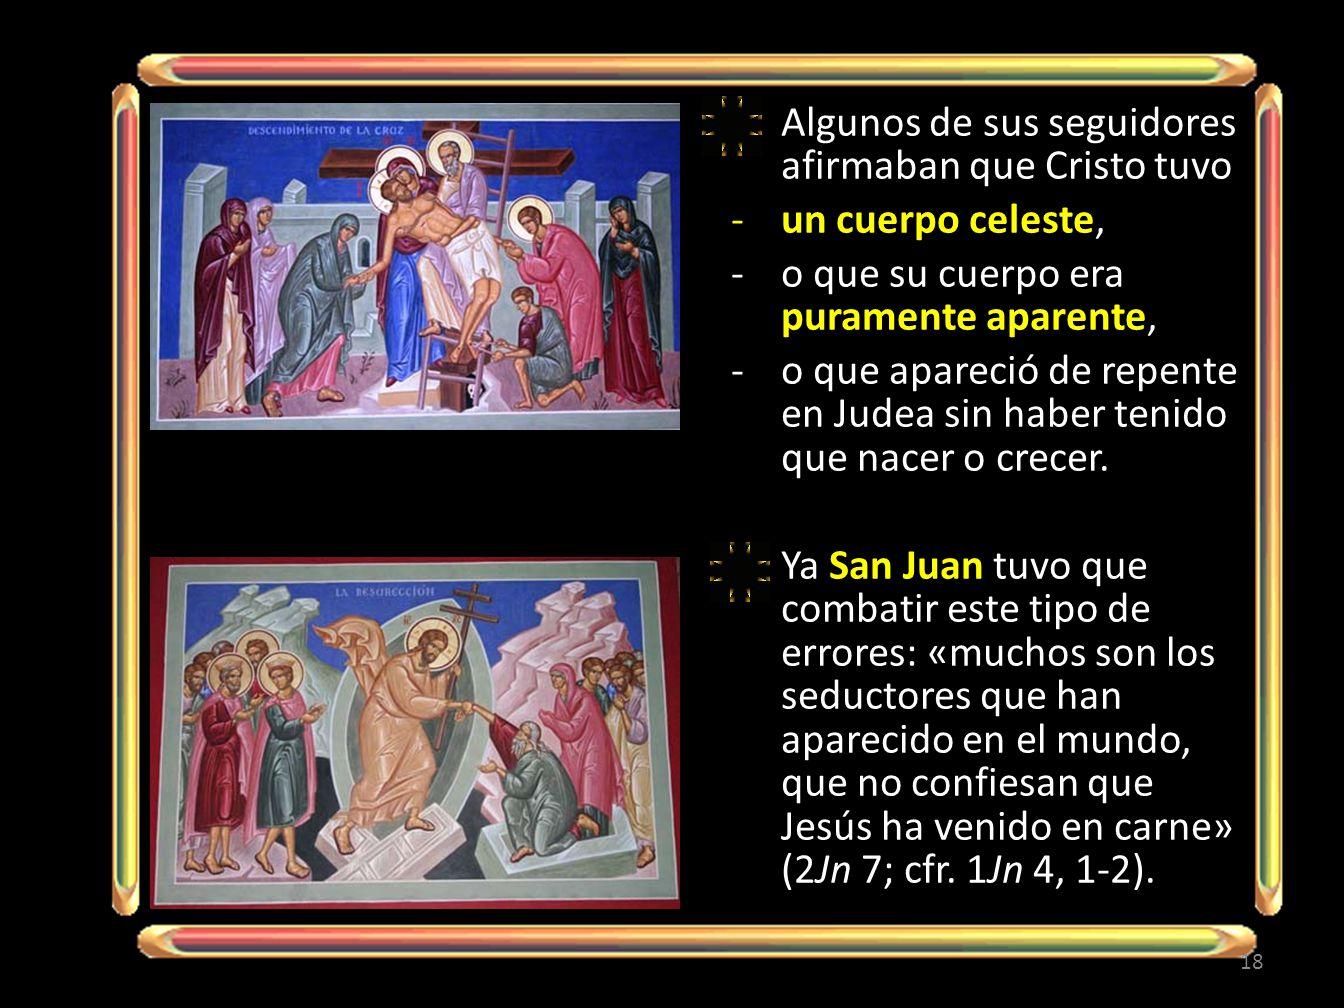 Algunos de sus seguidores afirmaban que Cristo tuvo